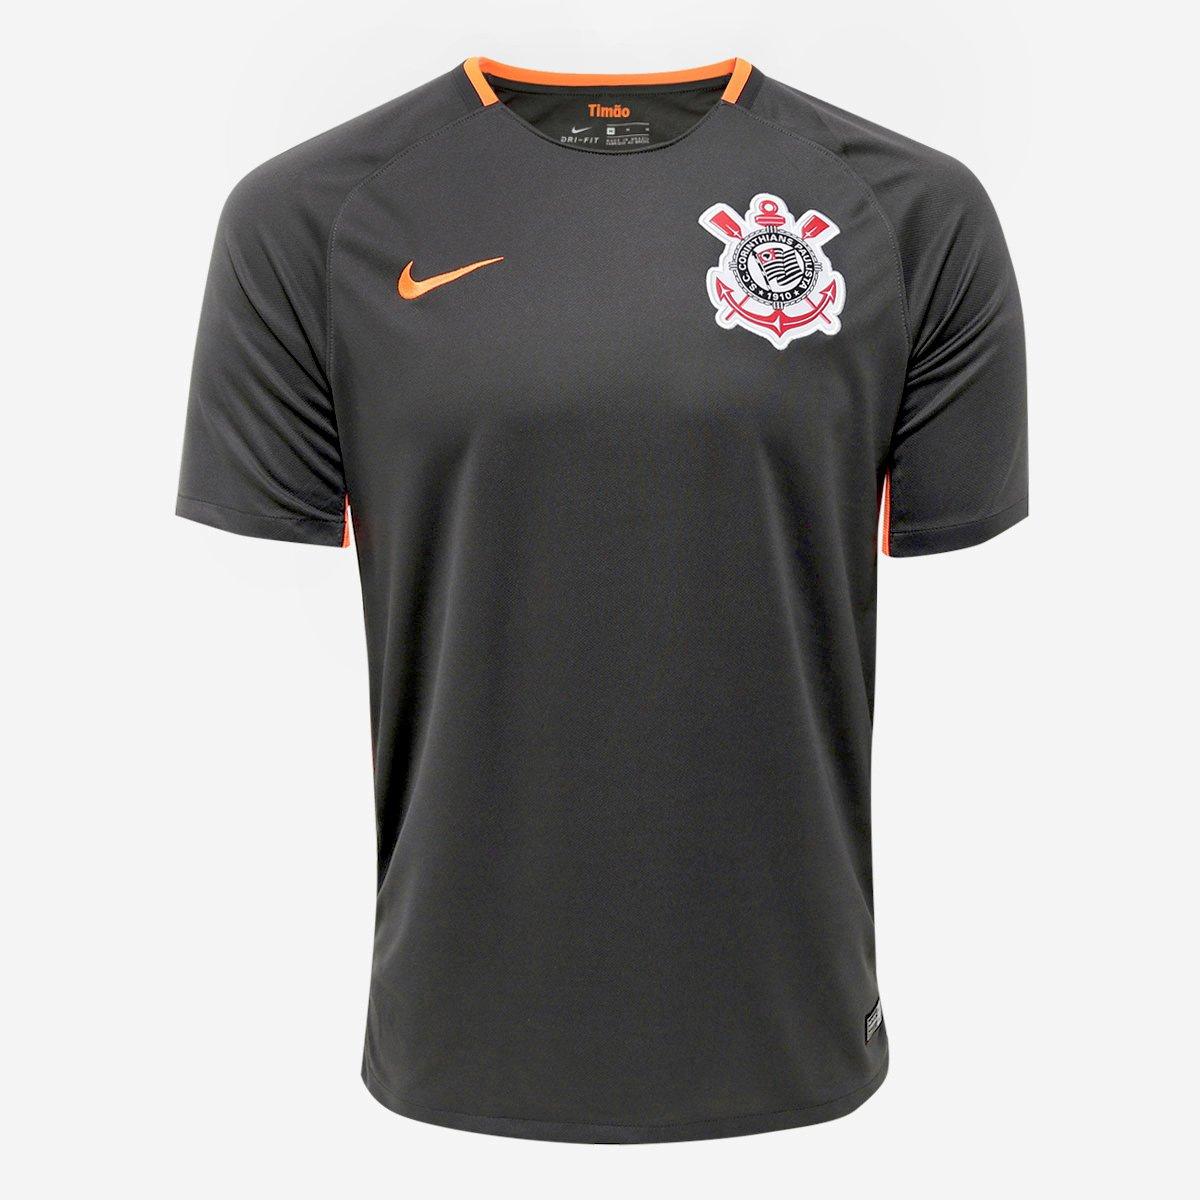 Camisa Corinthians III 17 18 s n° - Torcedor Nike Masculina 92060f06a1f98